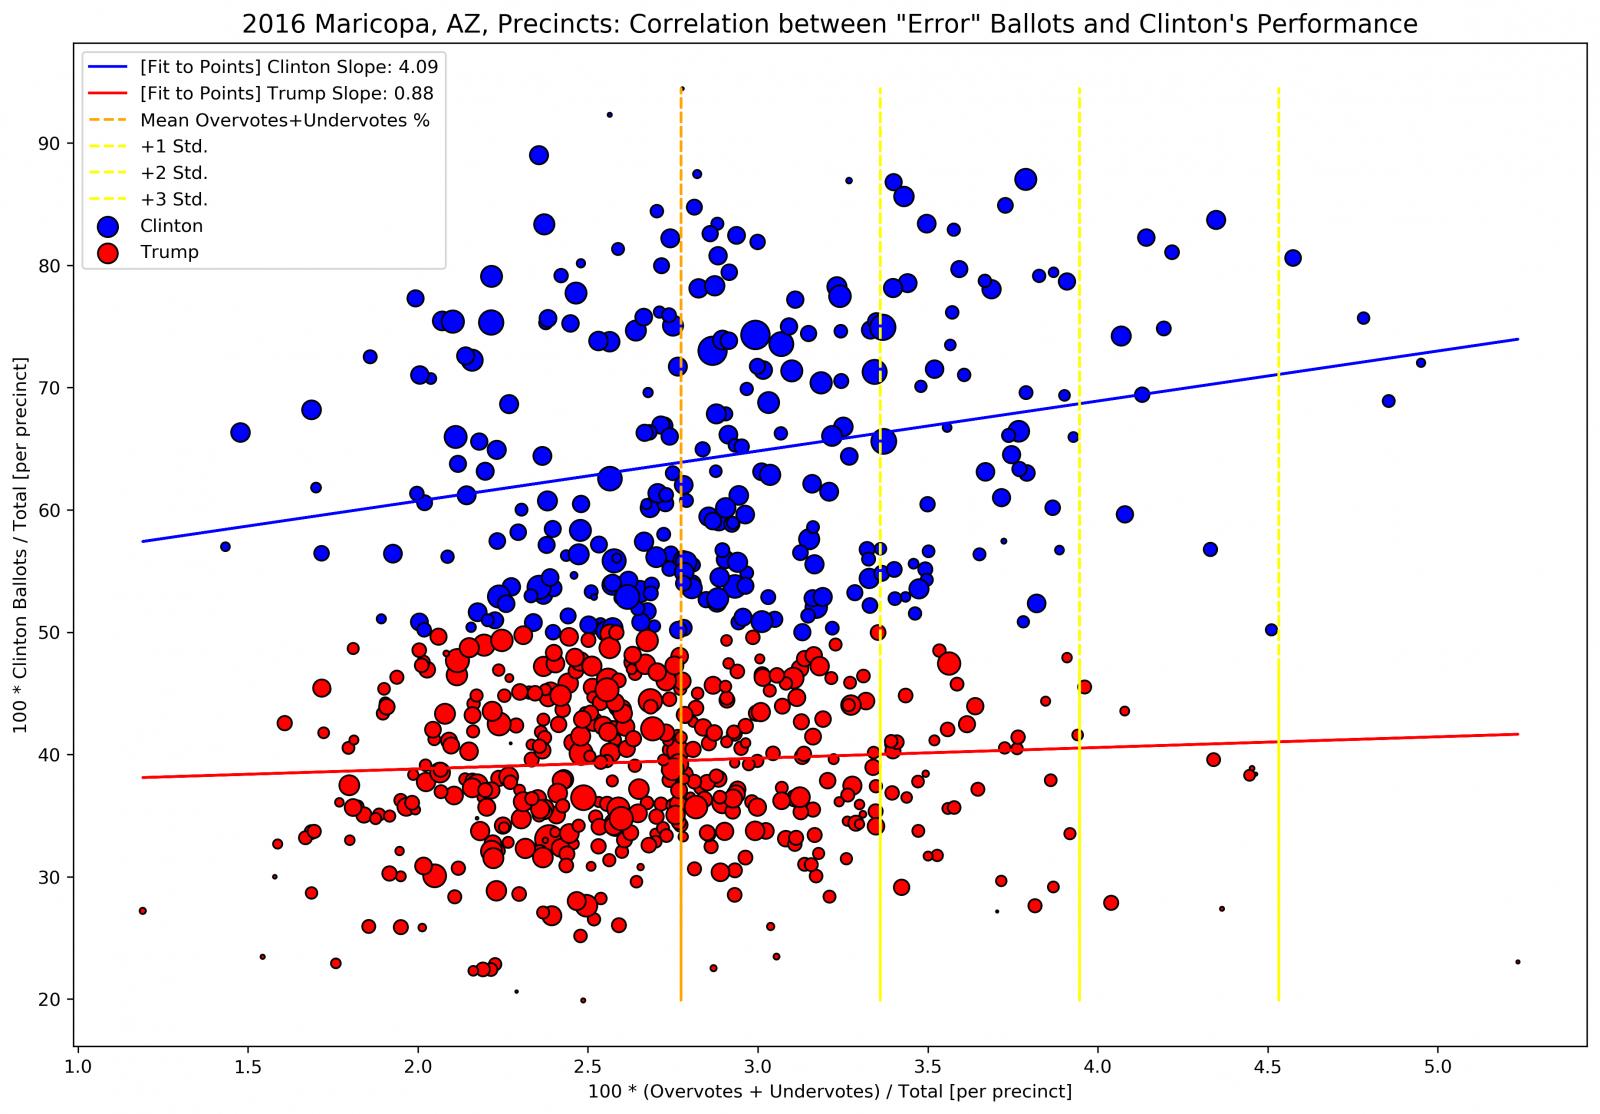 maricopa_overundervotes_vs_clinton_percent_per_precinct_2016.png